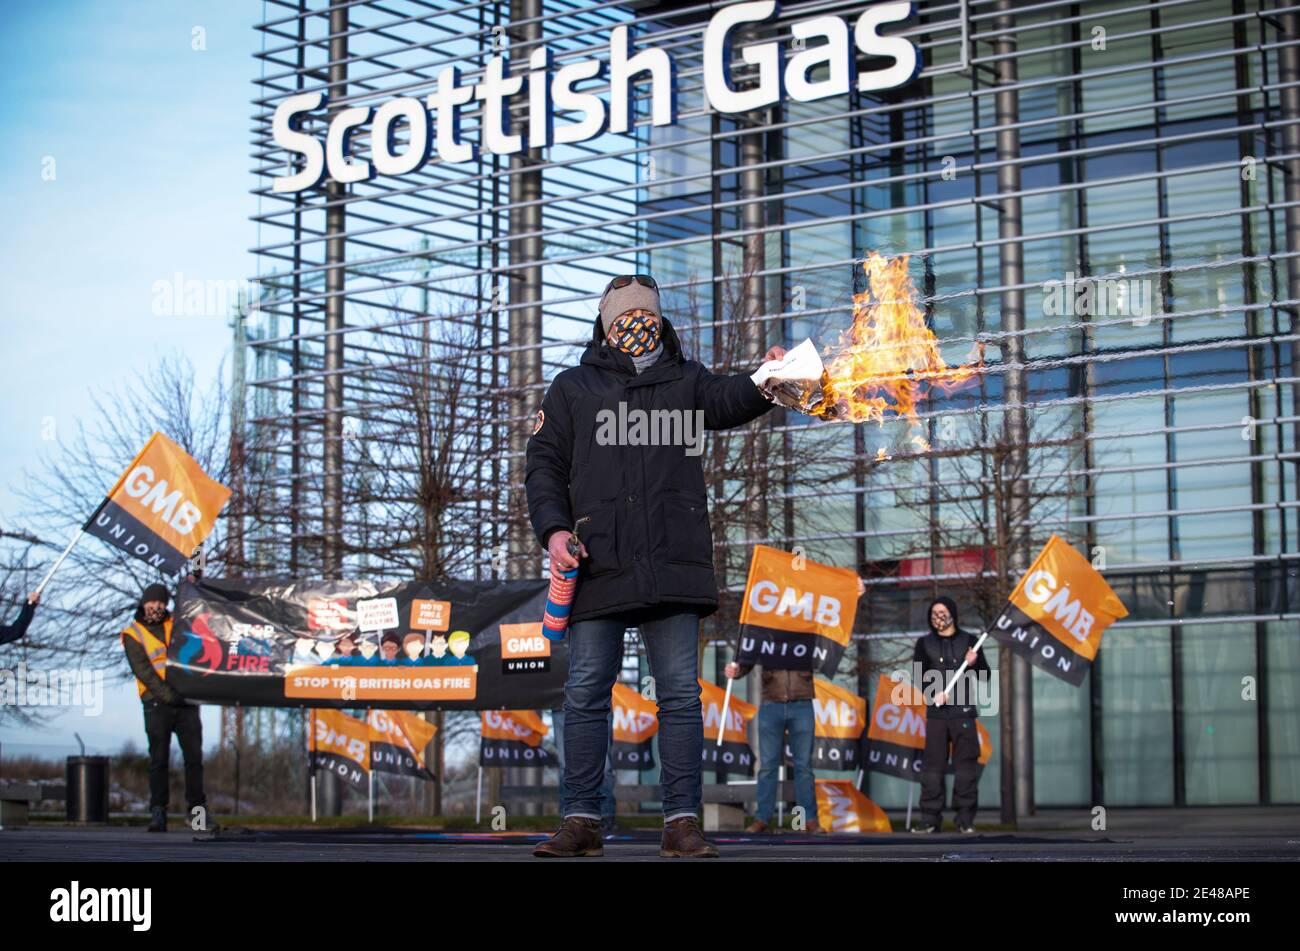 L'un des employés de British Gas à l'extérieur du centre d'appels Scottish Gas à Édimbourg met le feu au nouveau contrat le sixième jour d'une grève de sept jours pour de nouveaux contrats. Date de la photo: Vendredi 22 janvier 2021. Banque D'Images